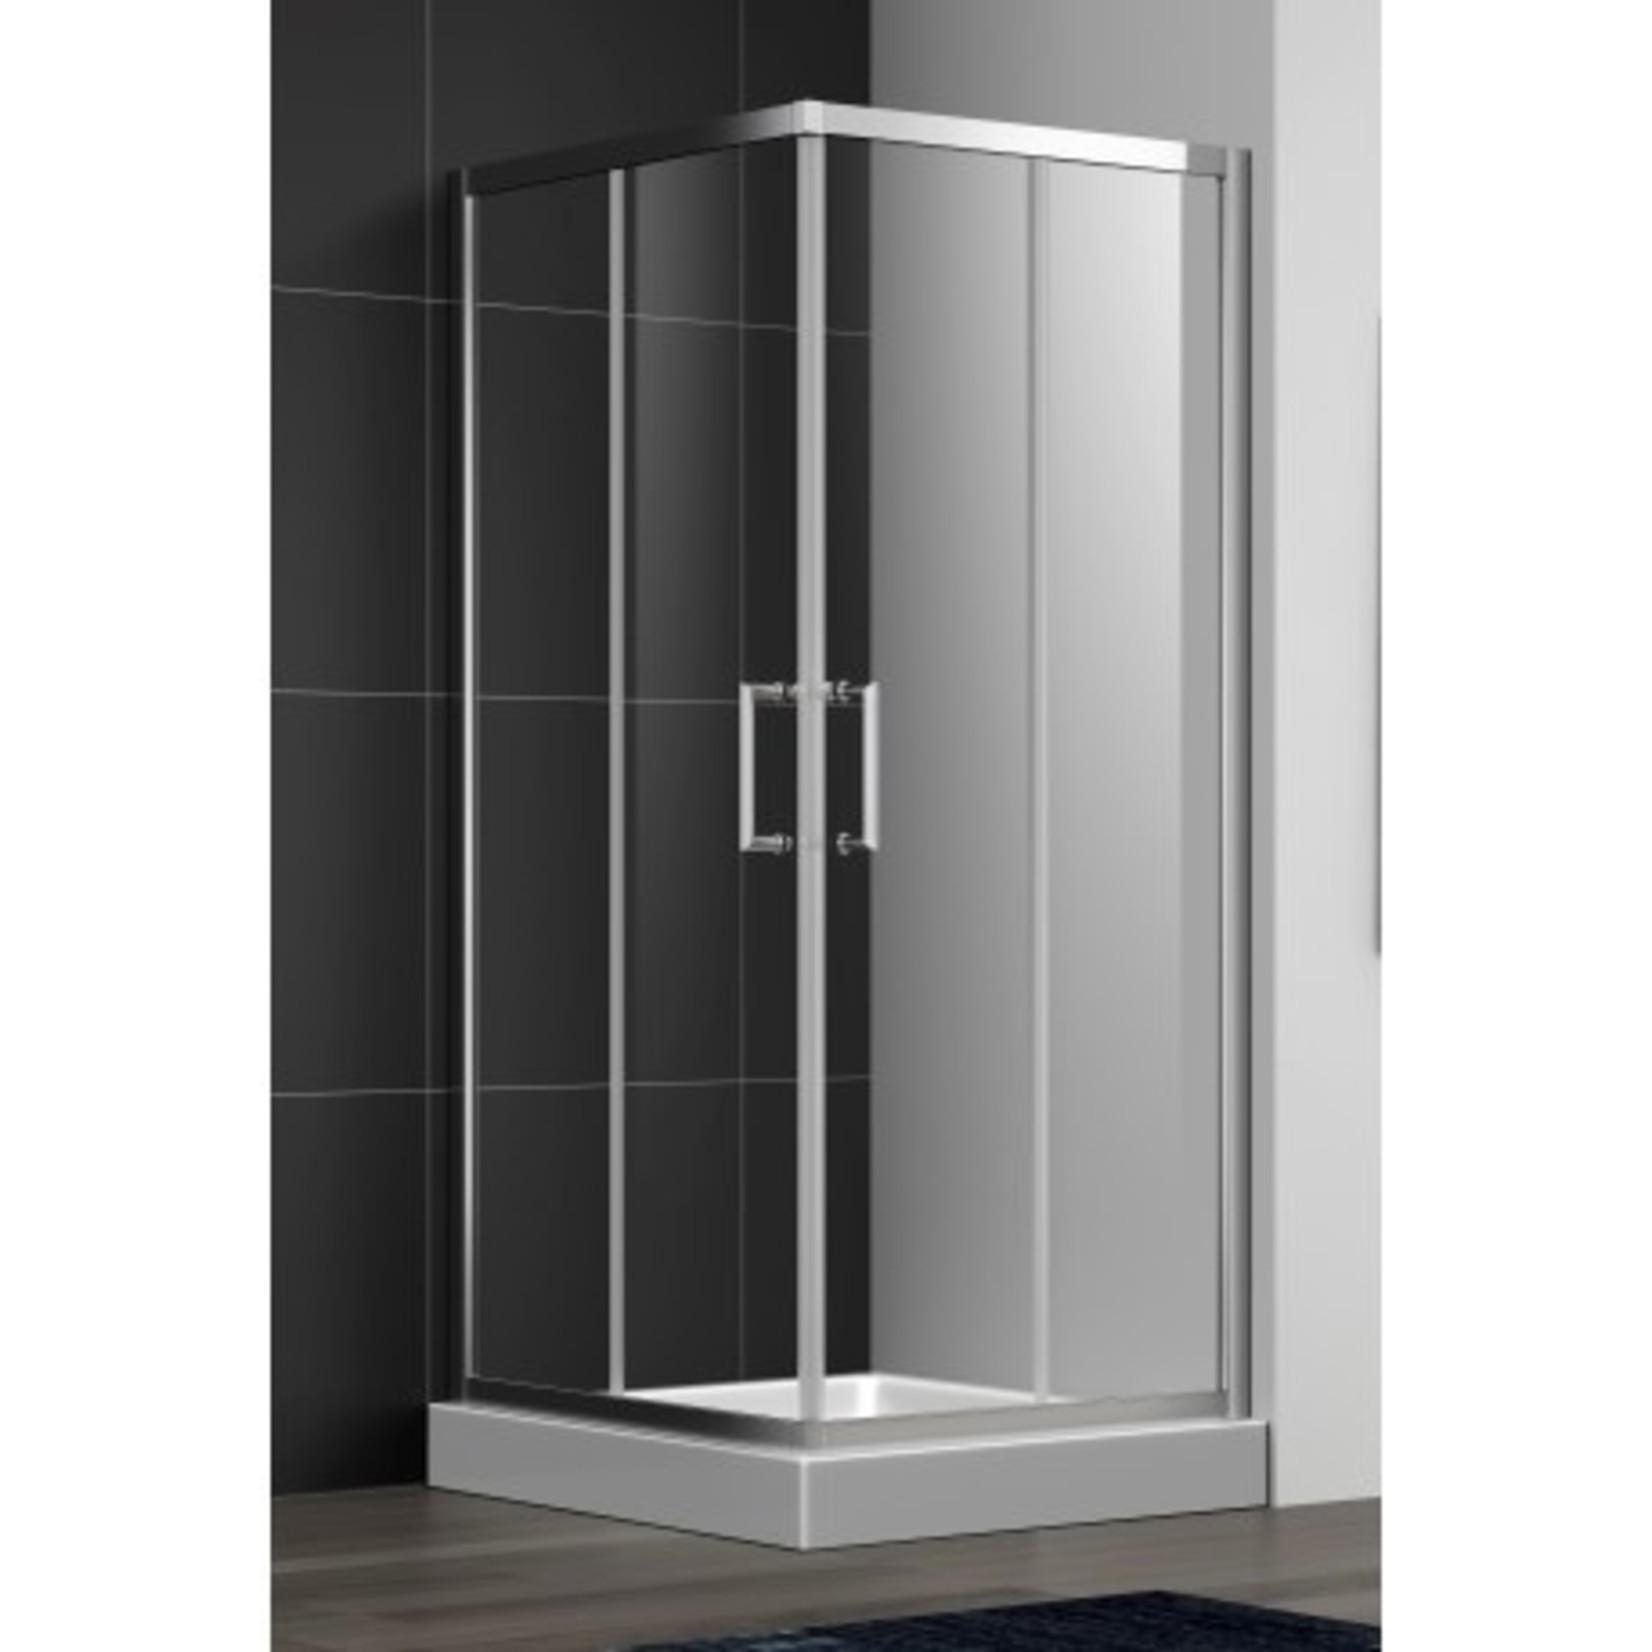 Shower set 36x36 chrome CDC